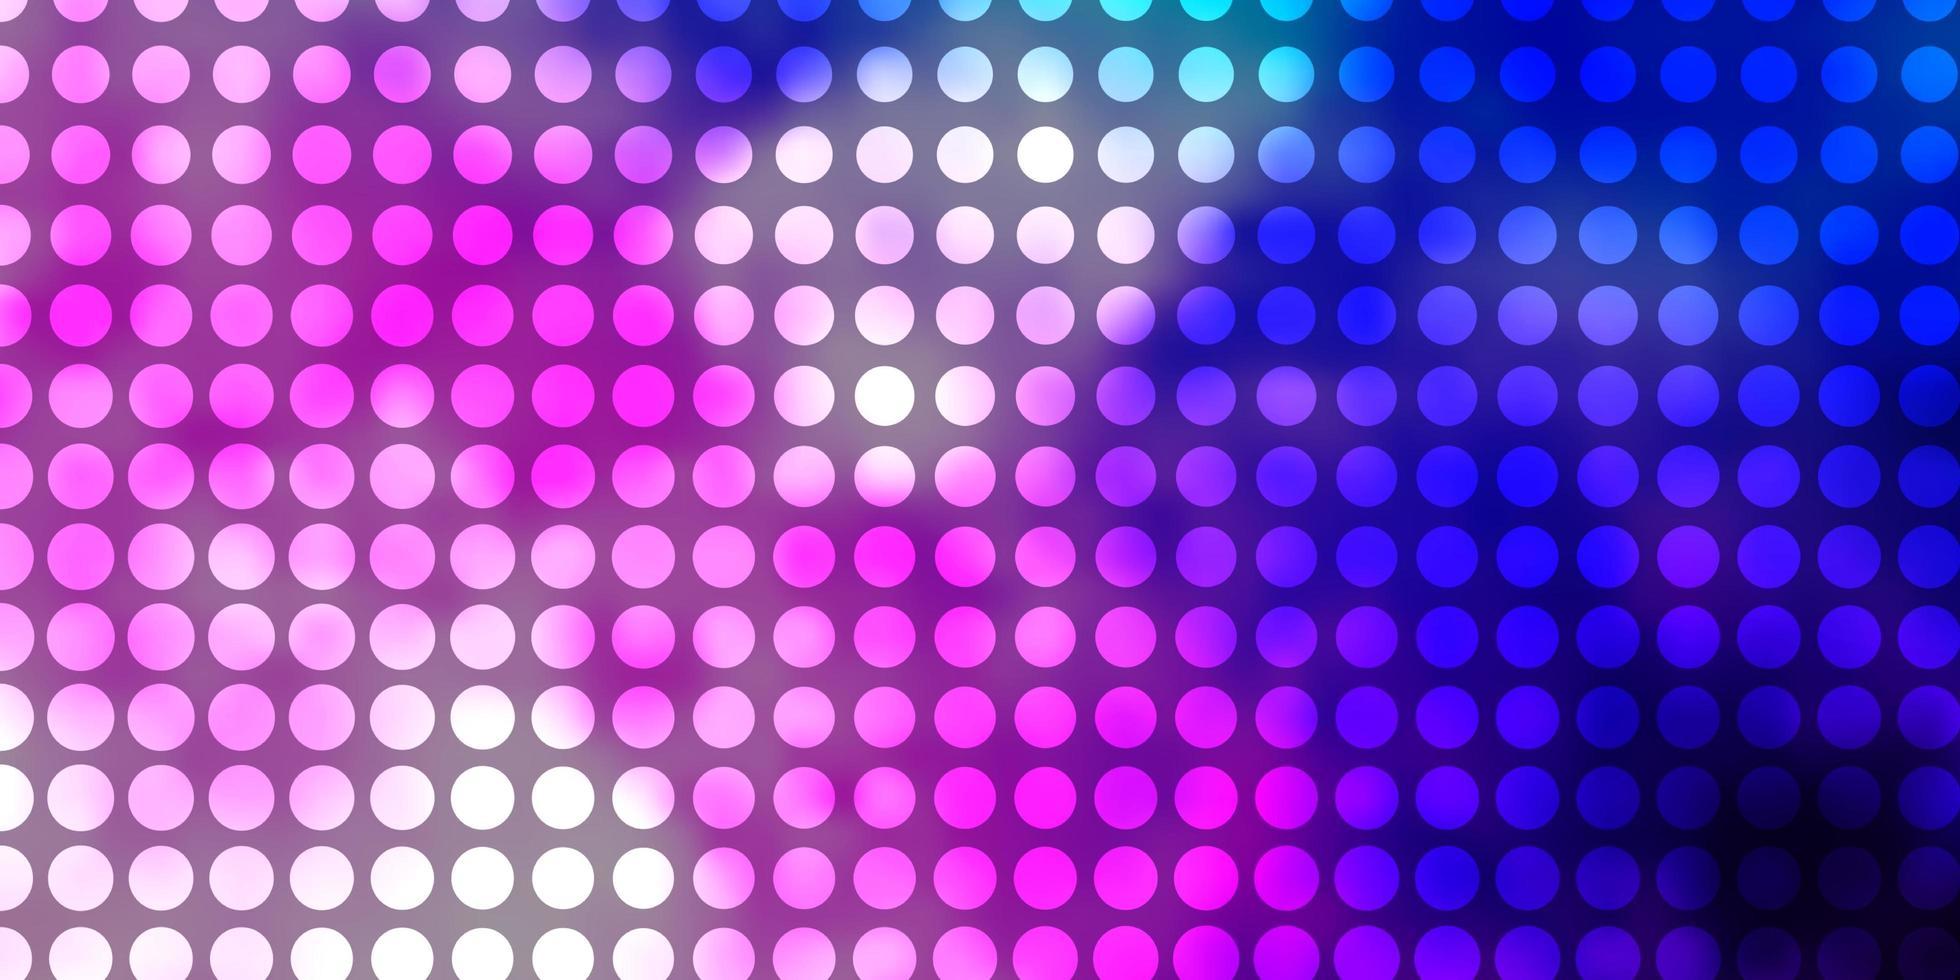 hellrosa, blauer Vektorhintergrund mit Kreisen. vektor